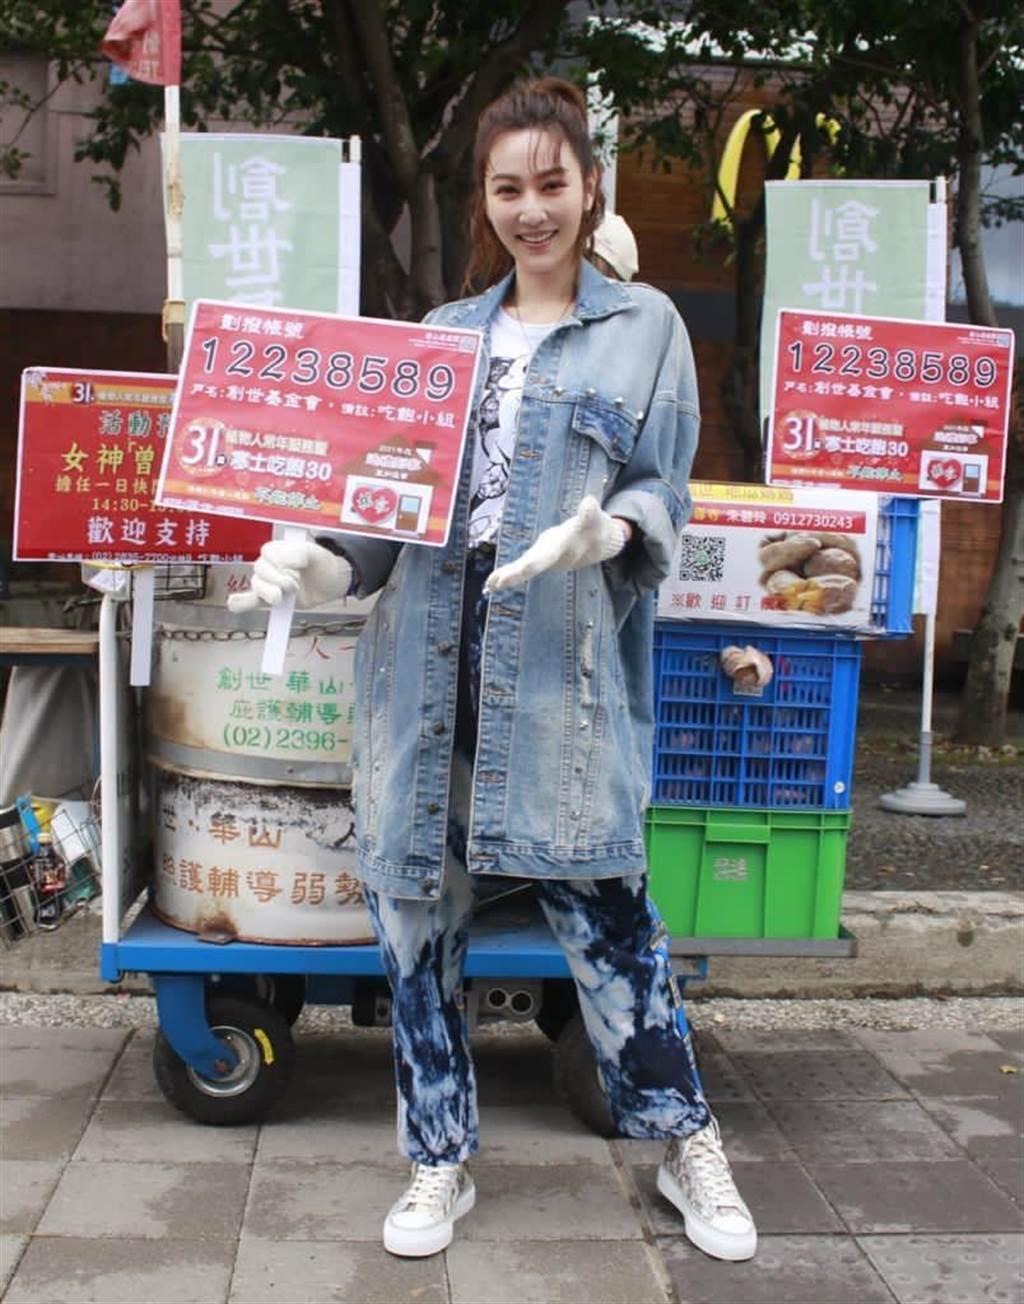 曾莞婷擔任「第31屆寒士尾牙吃飽30」愛心大使,並挑戰一日烤瓜店長快閃。(創世基金會提供)